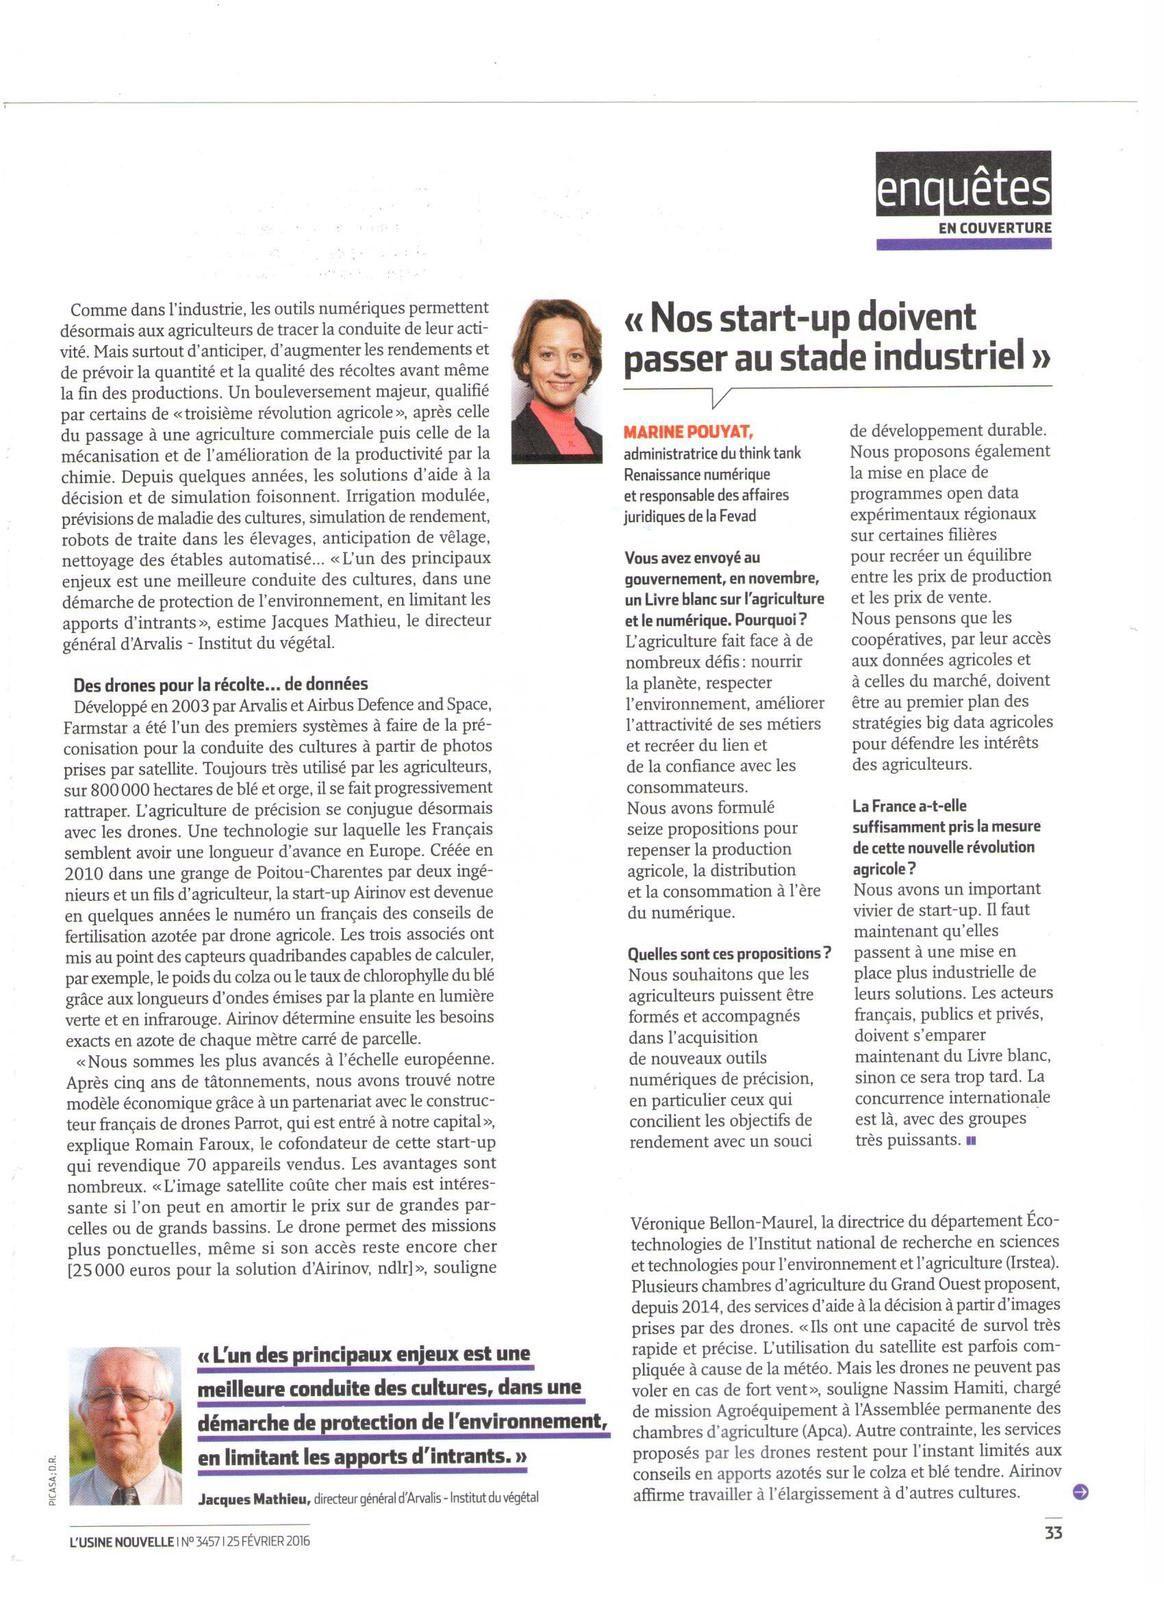 Vus et lus dans l'Usine Nouvelle n° 3457 du 25 février 2016, Smart-Industries n° 9 de mars 2016, Les Echos du 11 avril 2016, et Libération du 10 mai 2016